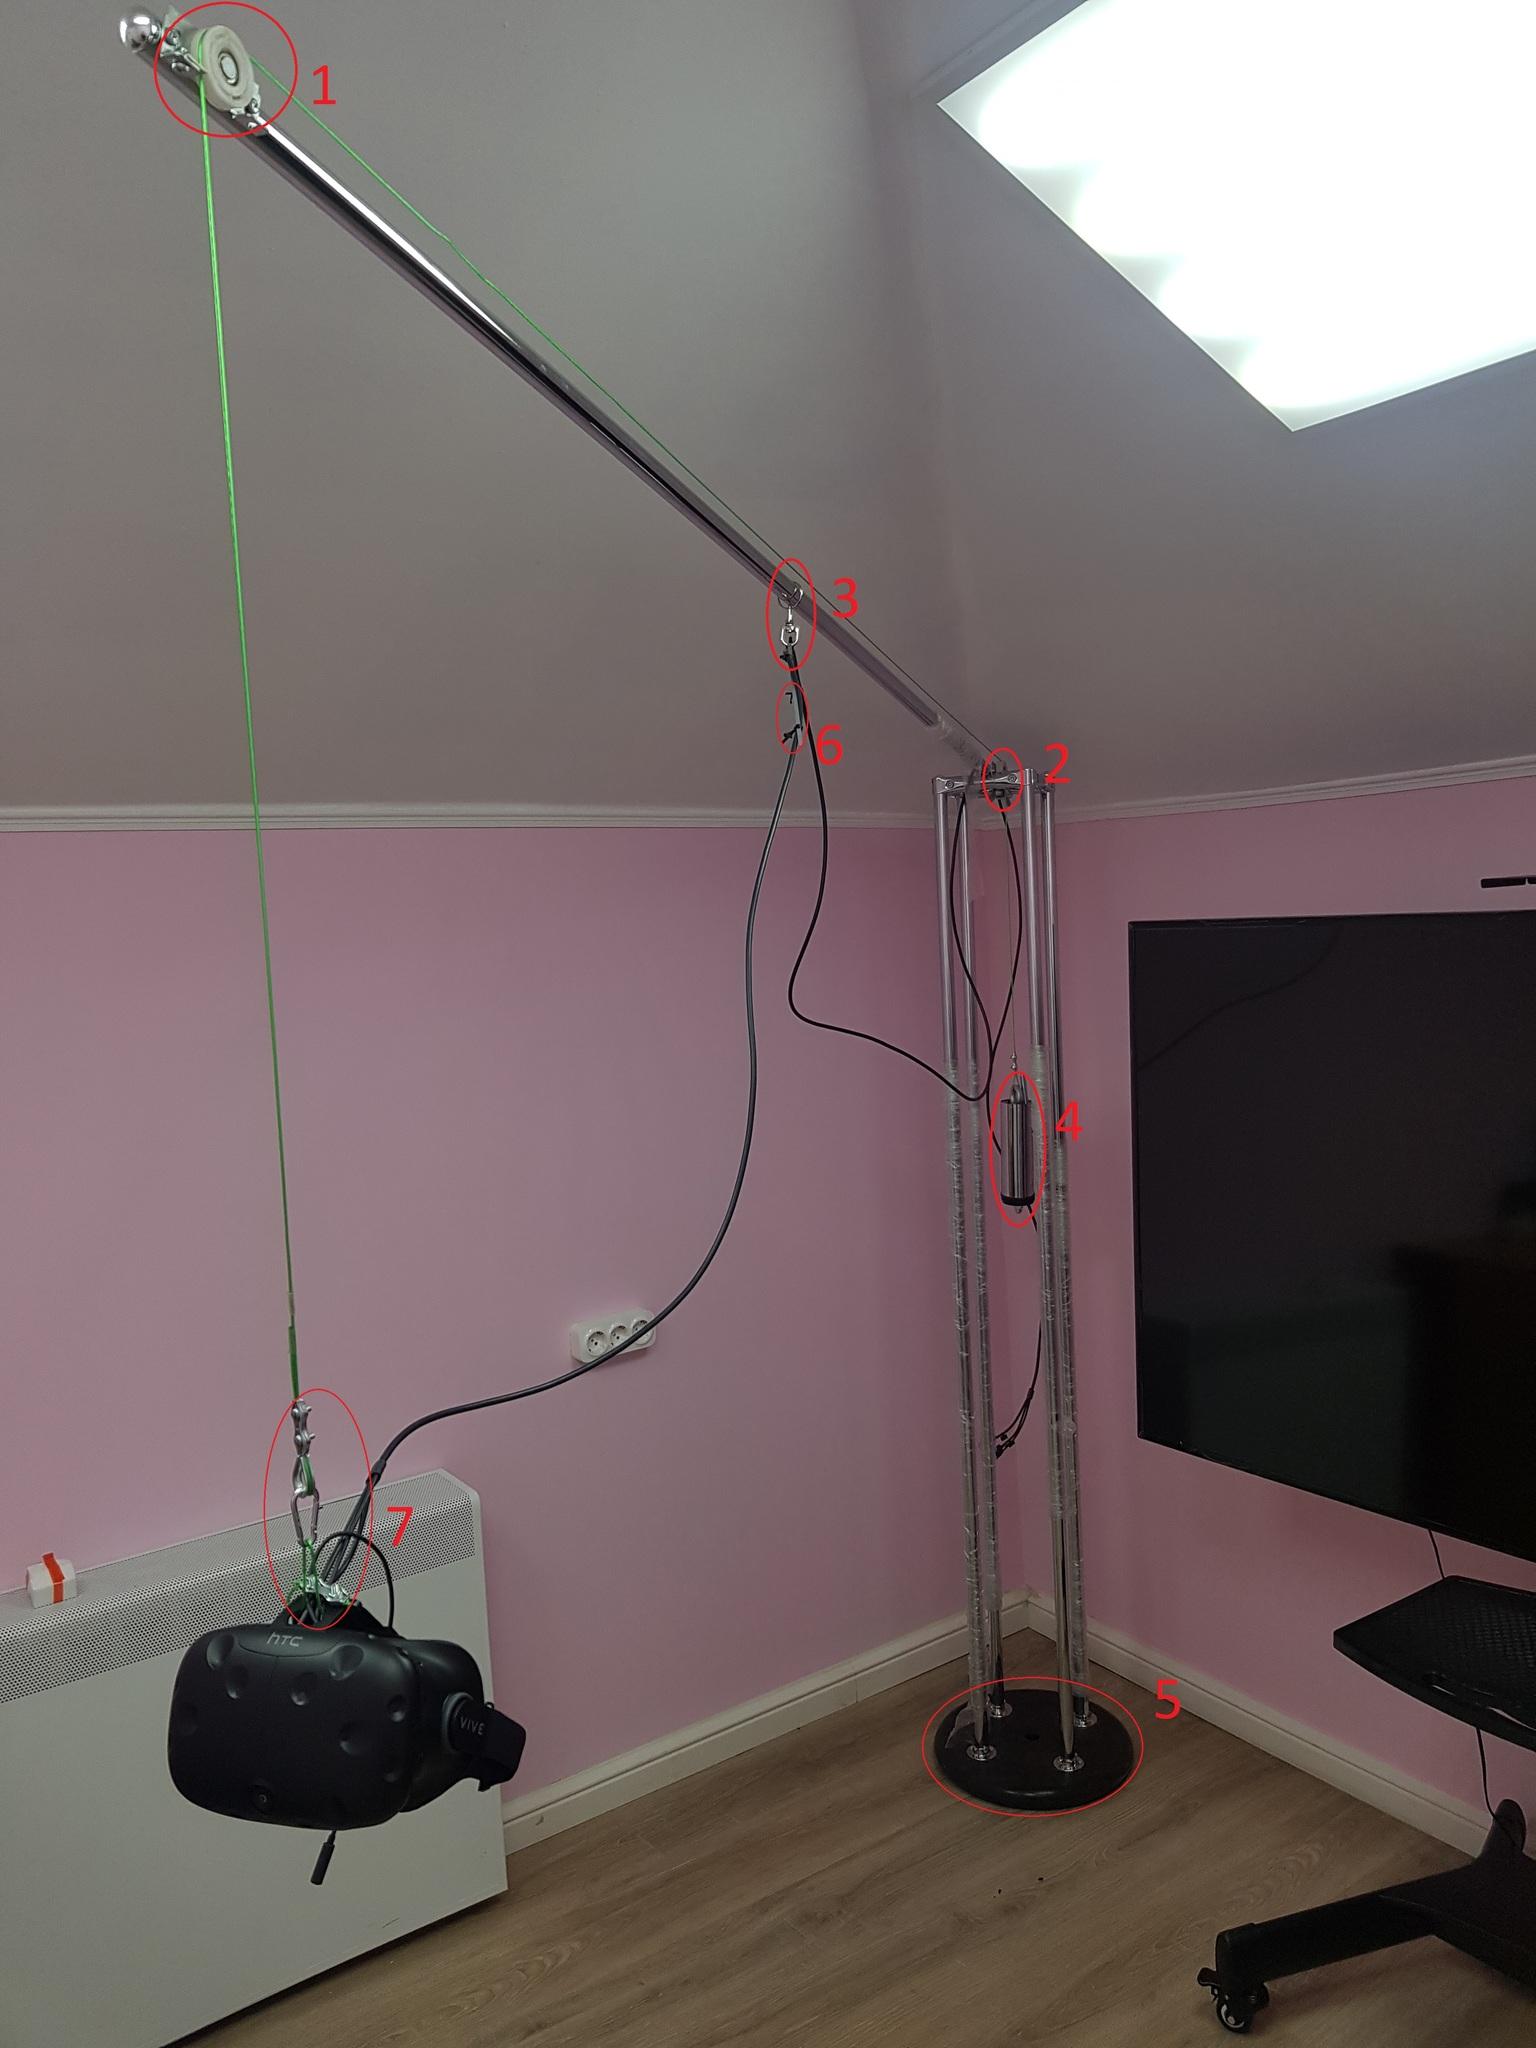 Стойка для кабеля шлема HTC/OCULUS/VALVE